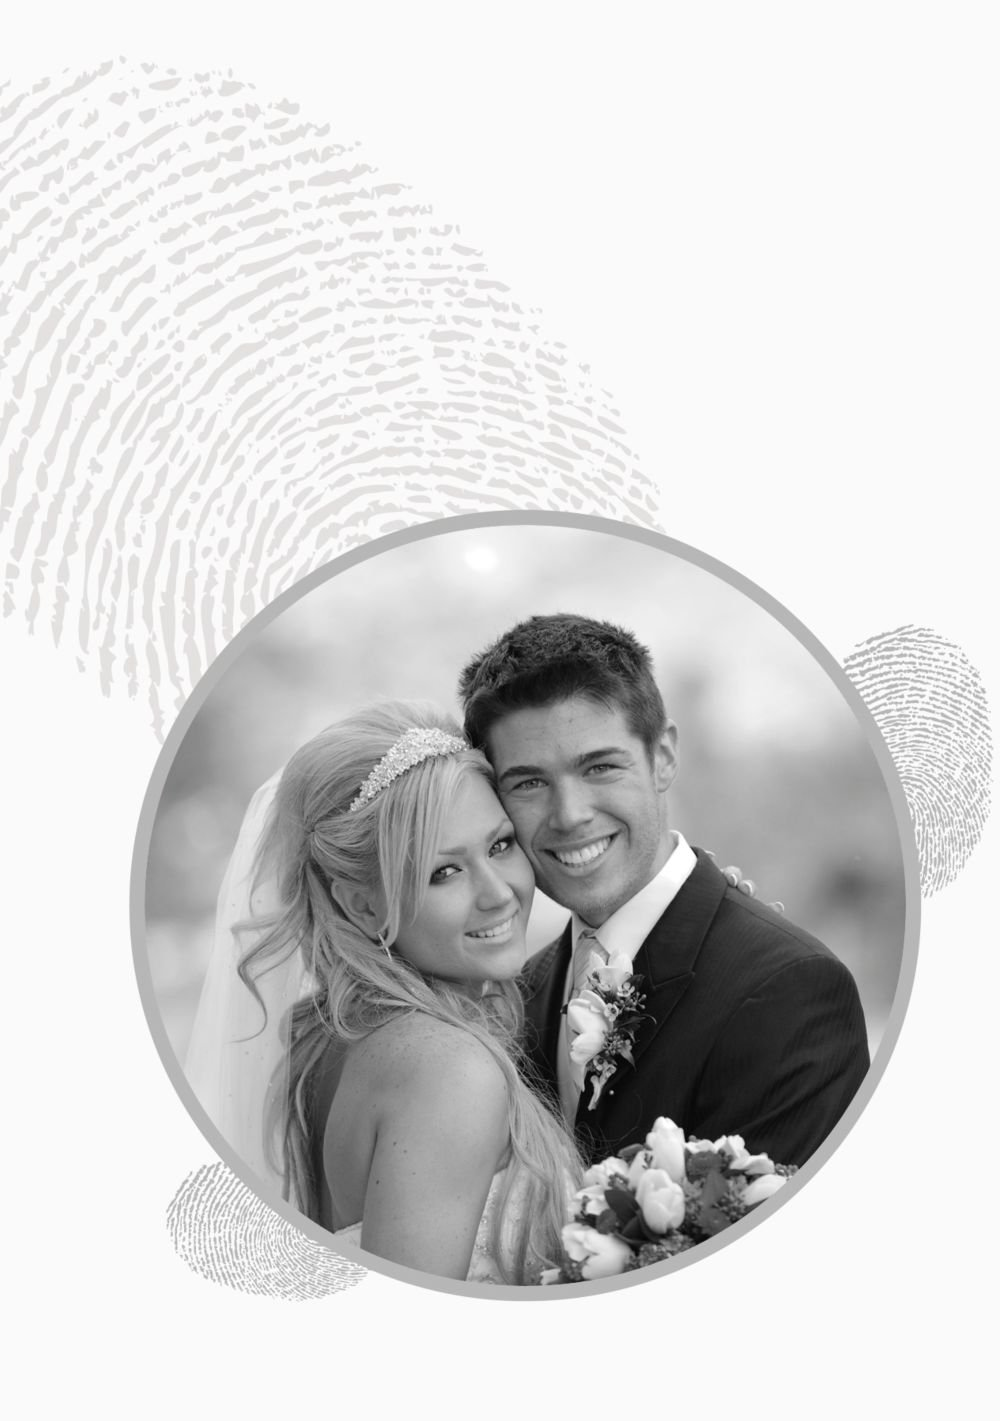 Kartenparadies Danksagung für Hochzeitsgeschenke Hochzeit Dankeskarte fingerprint, fingerprint, fingerprint, hochwertige Danksagungskarte Hochzeitsglückwünsche inklusive Umschläge   20 Karten - (Format  105x148 mm) Farbe  RosaLila B01MYAMMZY | Angemessene Liefe ffa92d